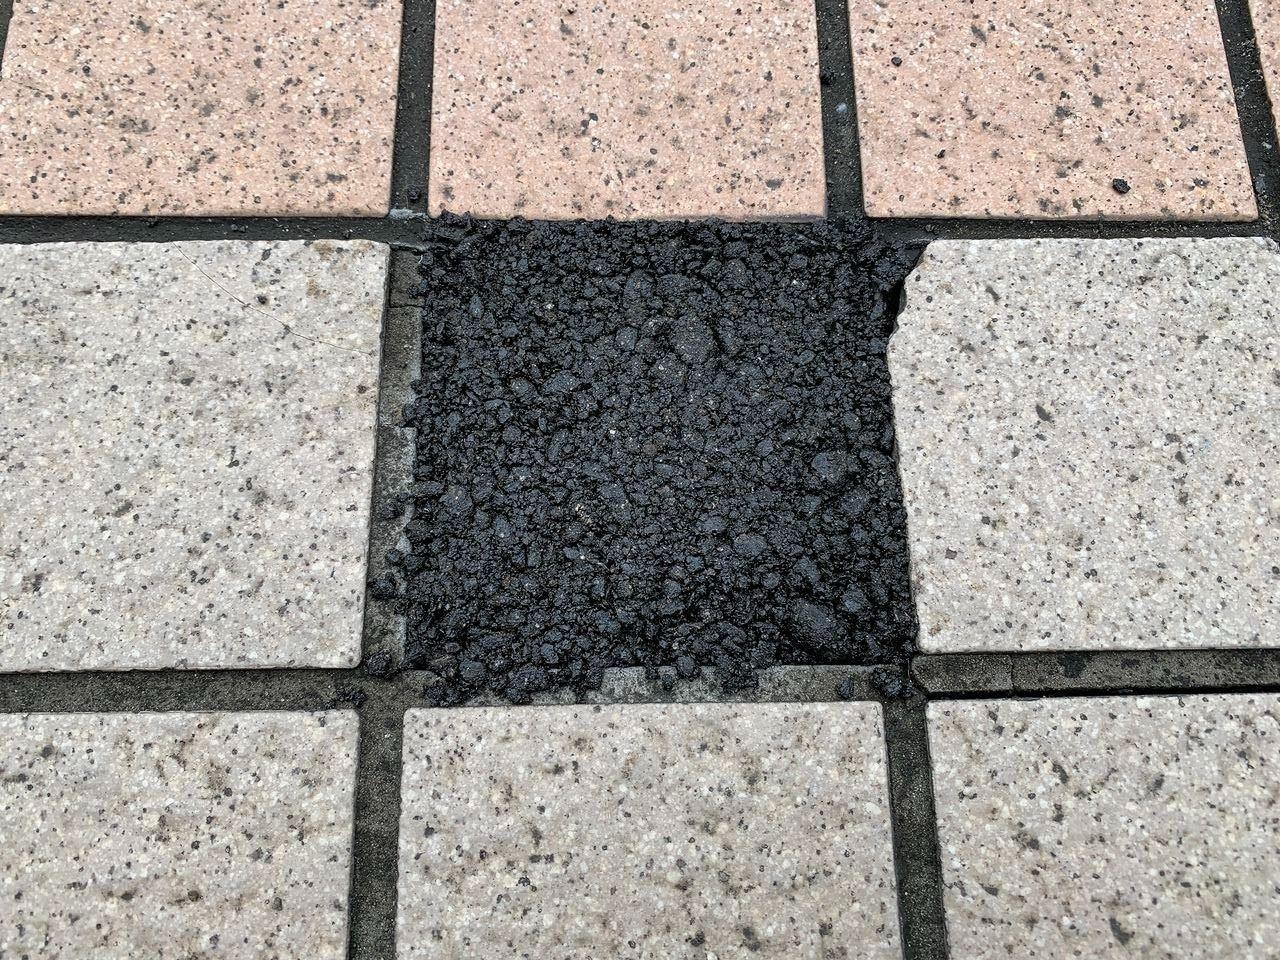 補修材を使った歩道のタイル補修です。